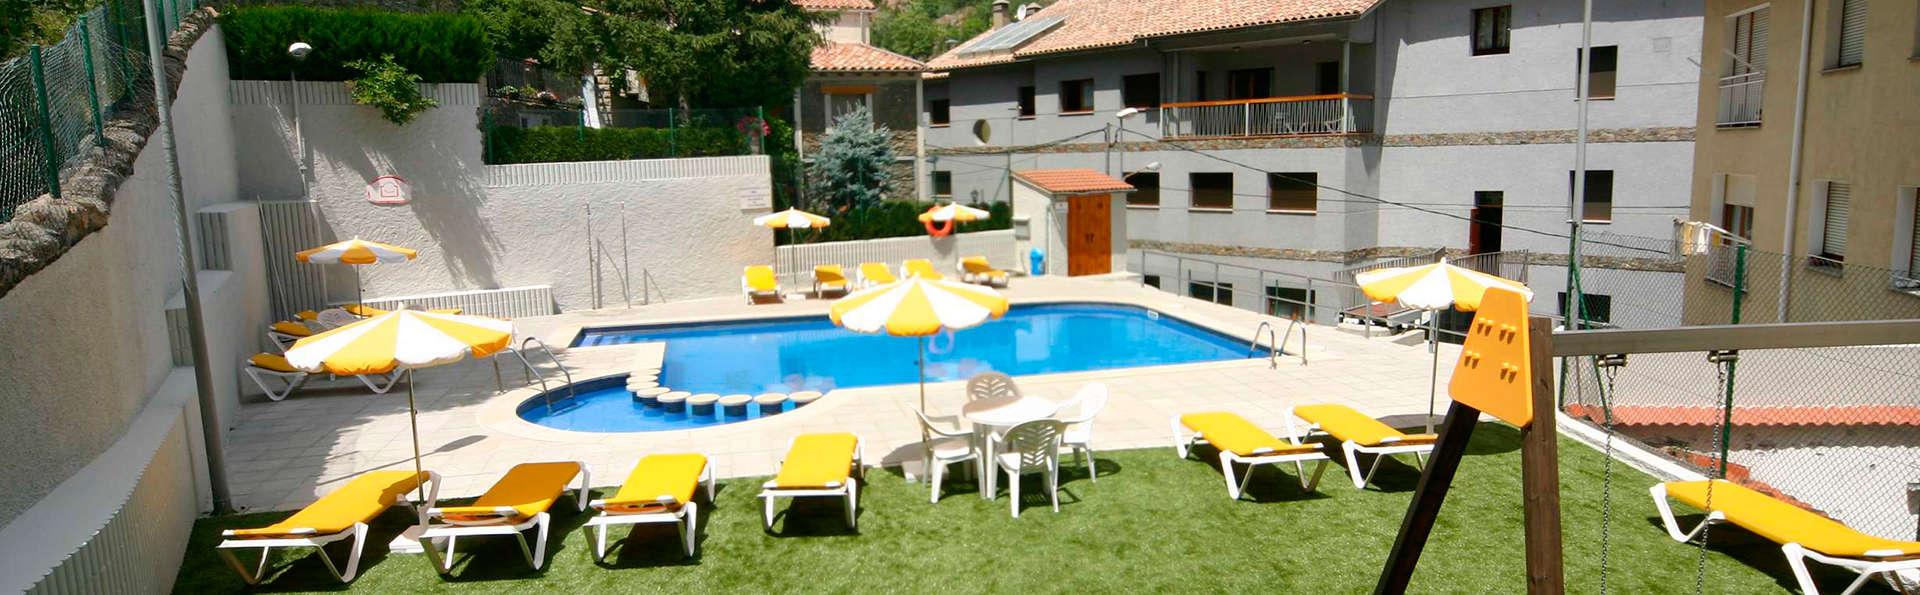 Hotel Sant Antoni - EDIT_pool1.jpg